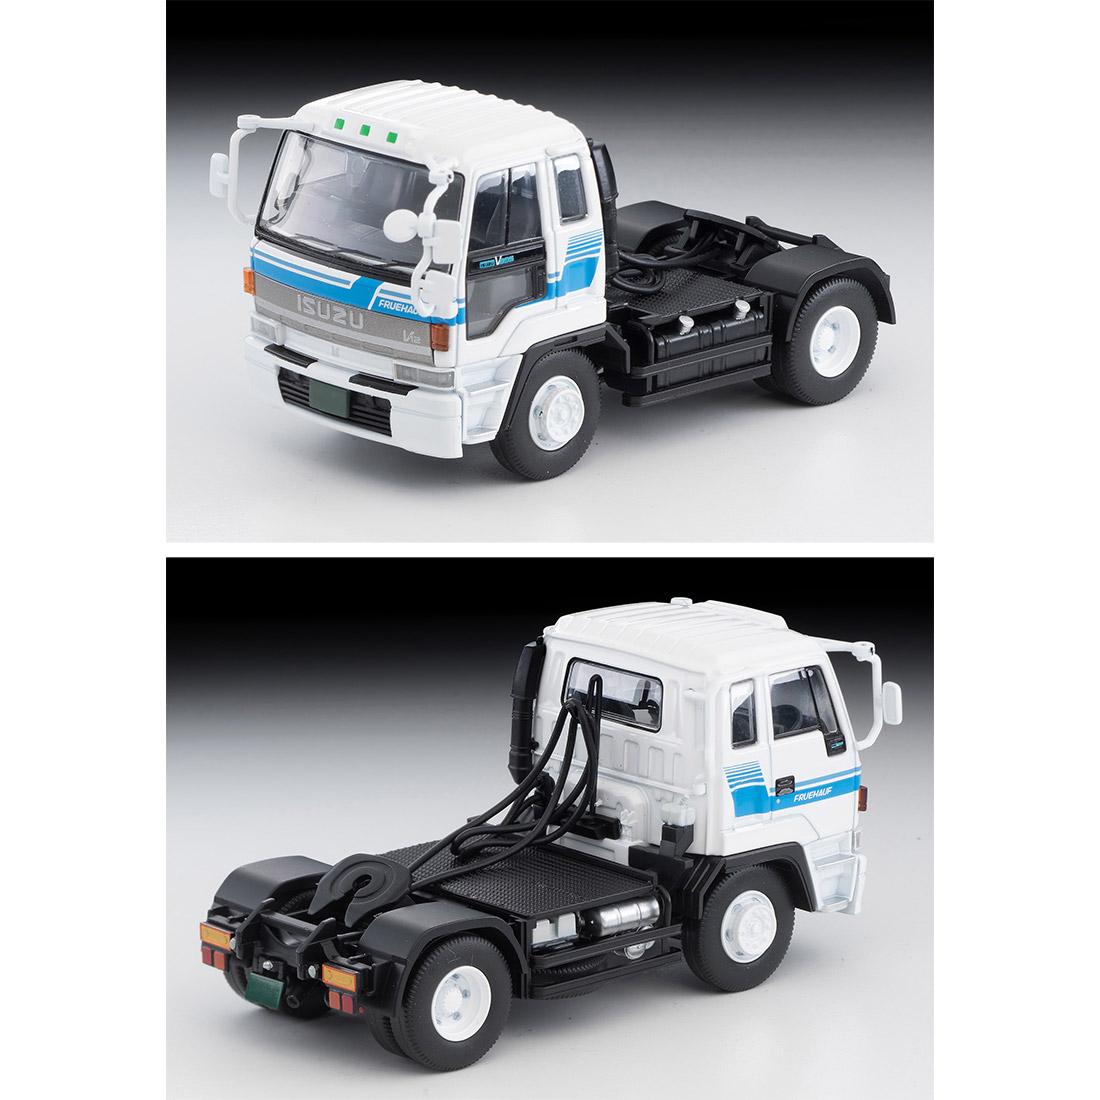 トミカリミテッド ヴィンテージ ネオ TLV-NEO『LV-N211a いすゞ810EX ウイングルーフトレーラ』ミニカー-003